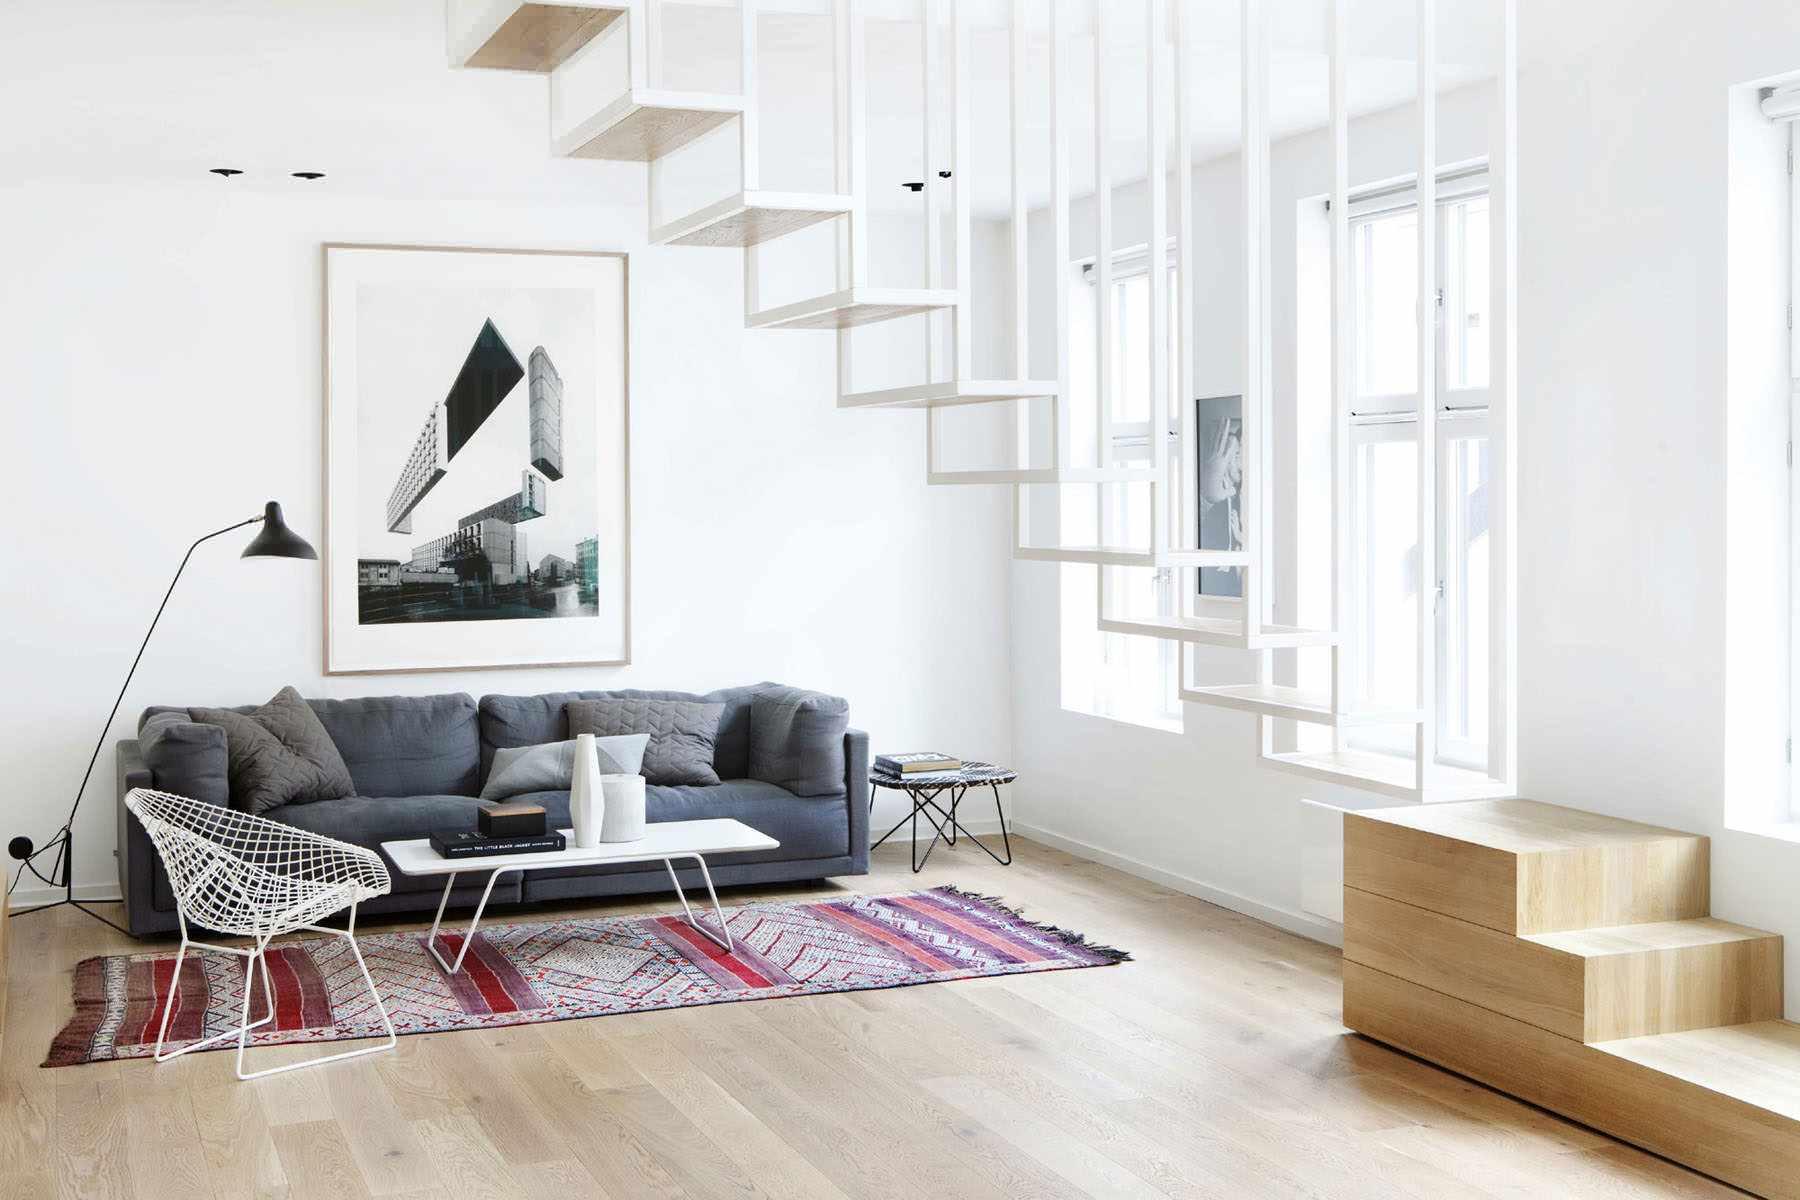 вариант использования красивого интерьера гостиной комнаты в стиле минимализм